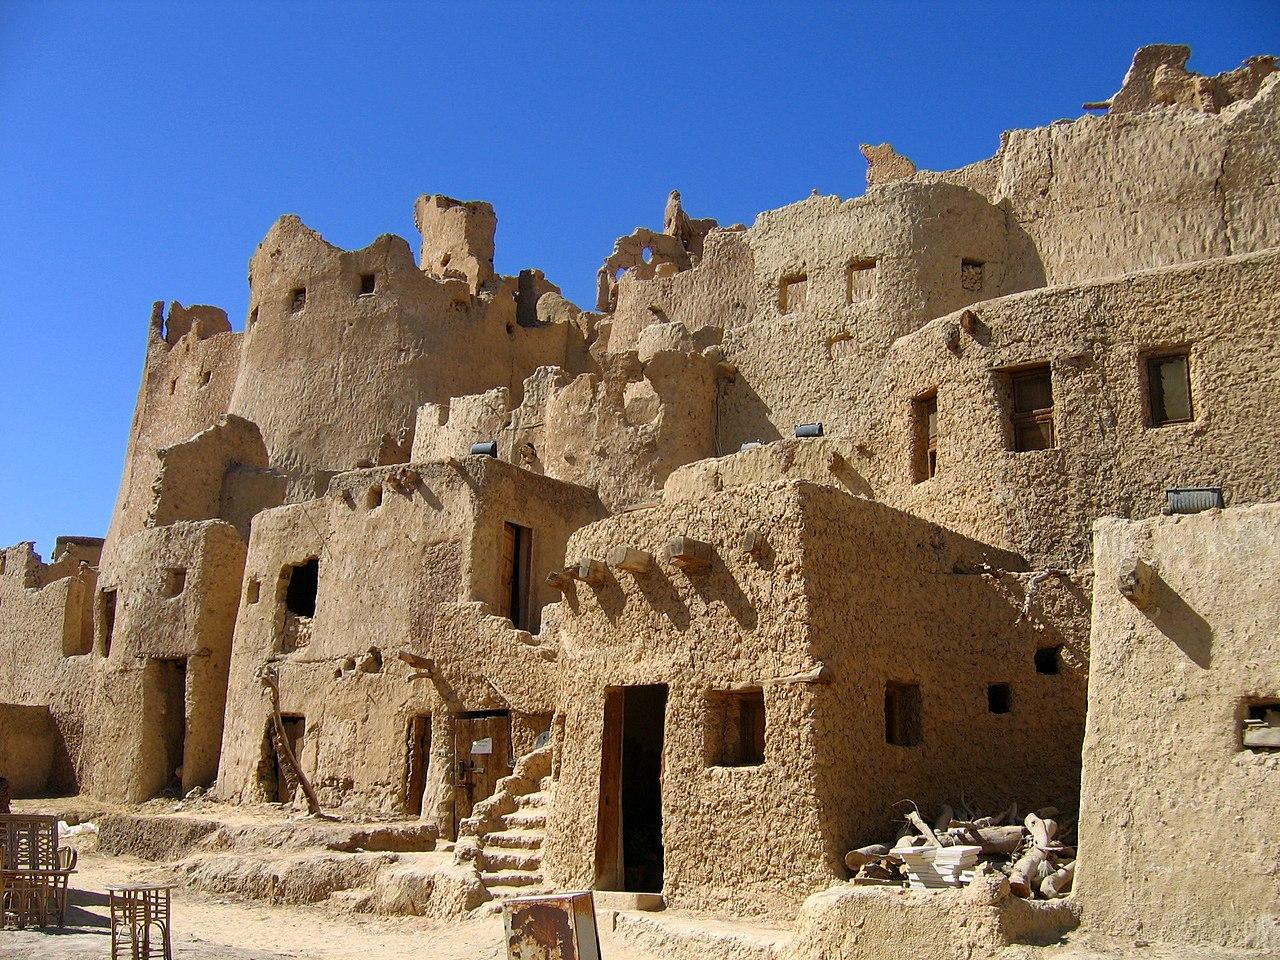 Antiguas casas bereberes, oasis de Siwa, Egipto